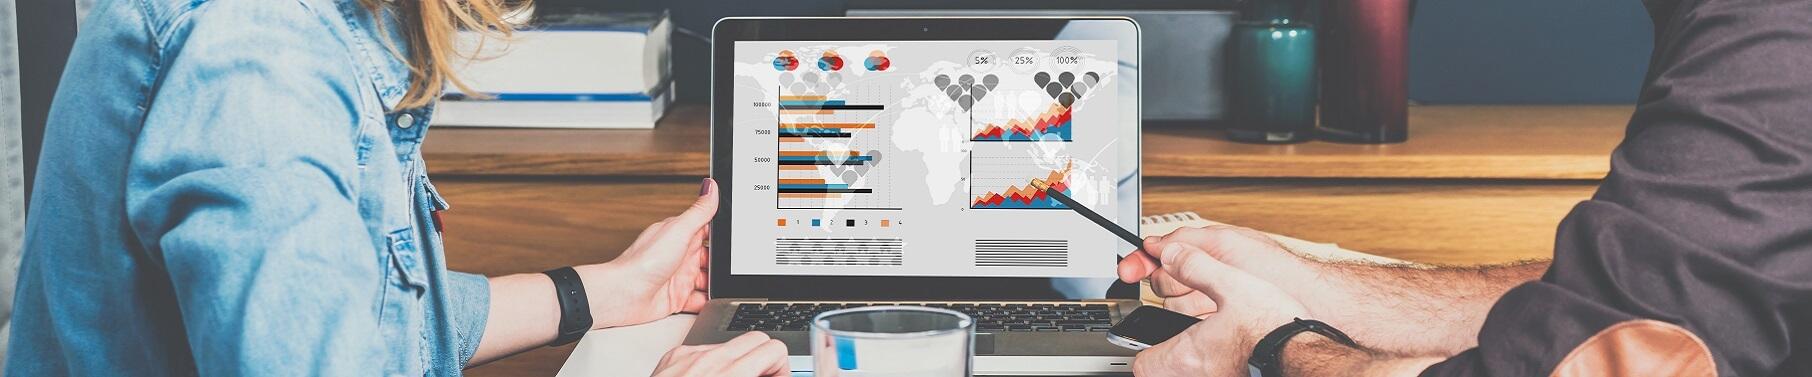 你必须知道的专利数据分析与应用的四大趋势